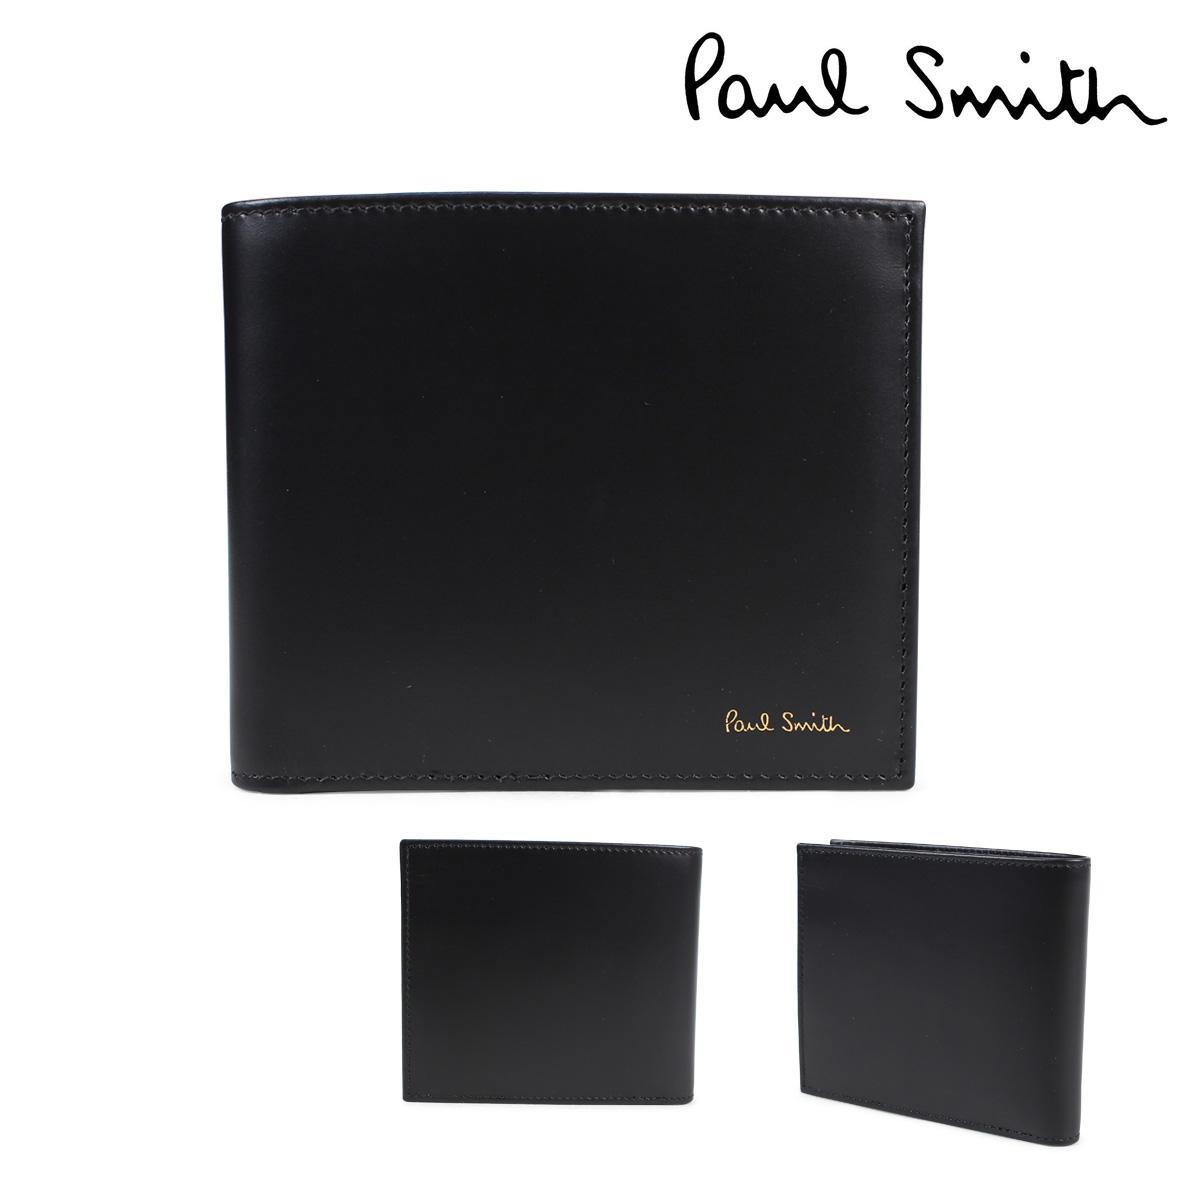 【最大2000円OFFクーポン】 ポールスミス 財布 メンズ 二つ折り Paul Smith SMART WALLET レザー ブラック 4833 W761A 79